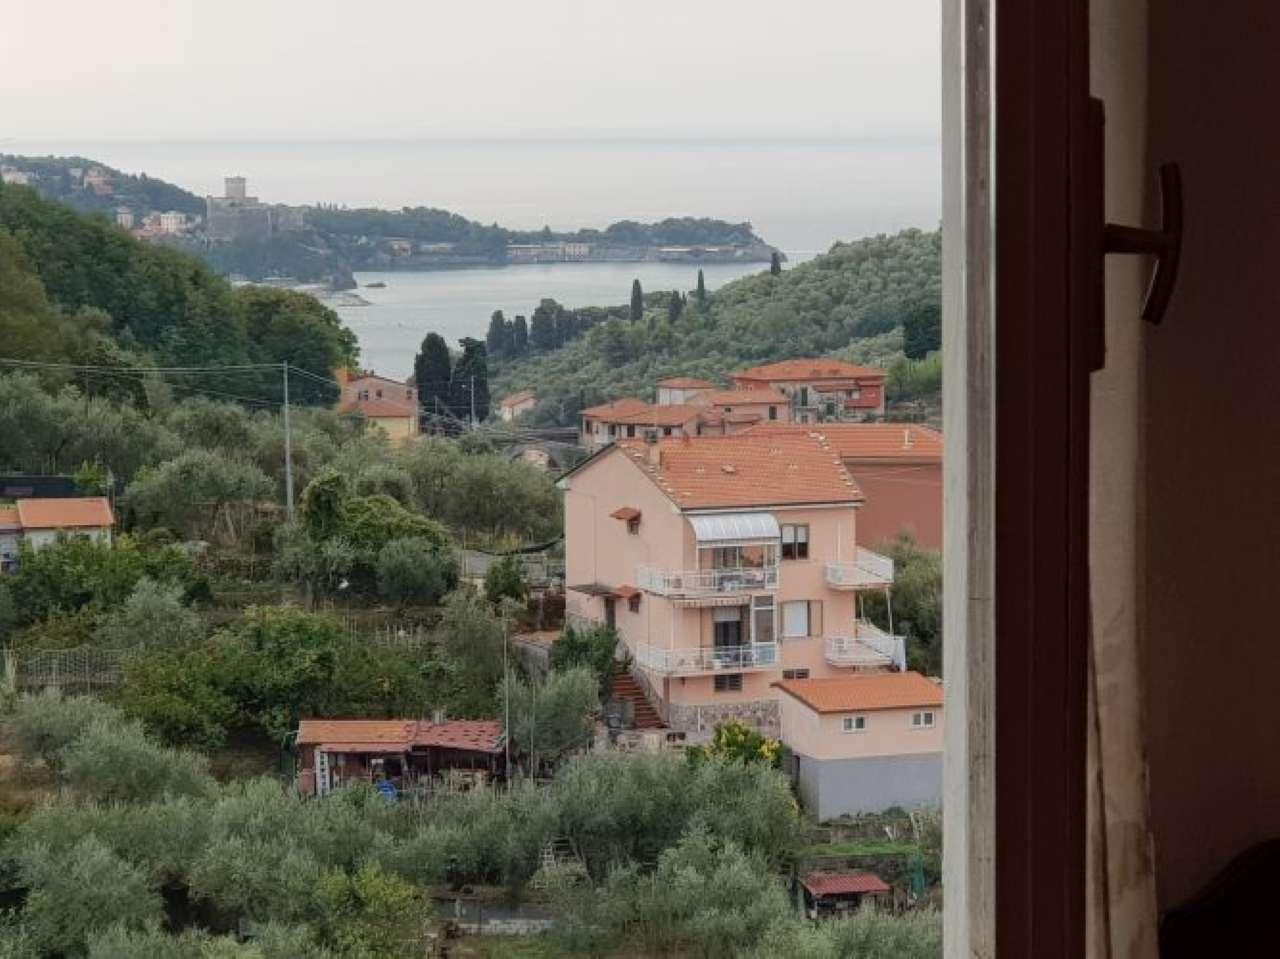 Appartamento in vendita a La Spezia, 4 locali, prezzo € 130.000 | PortaleAgenzieImmobiliari.it